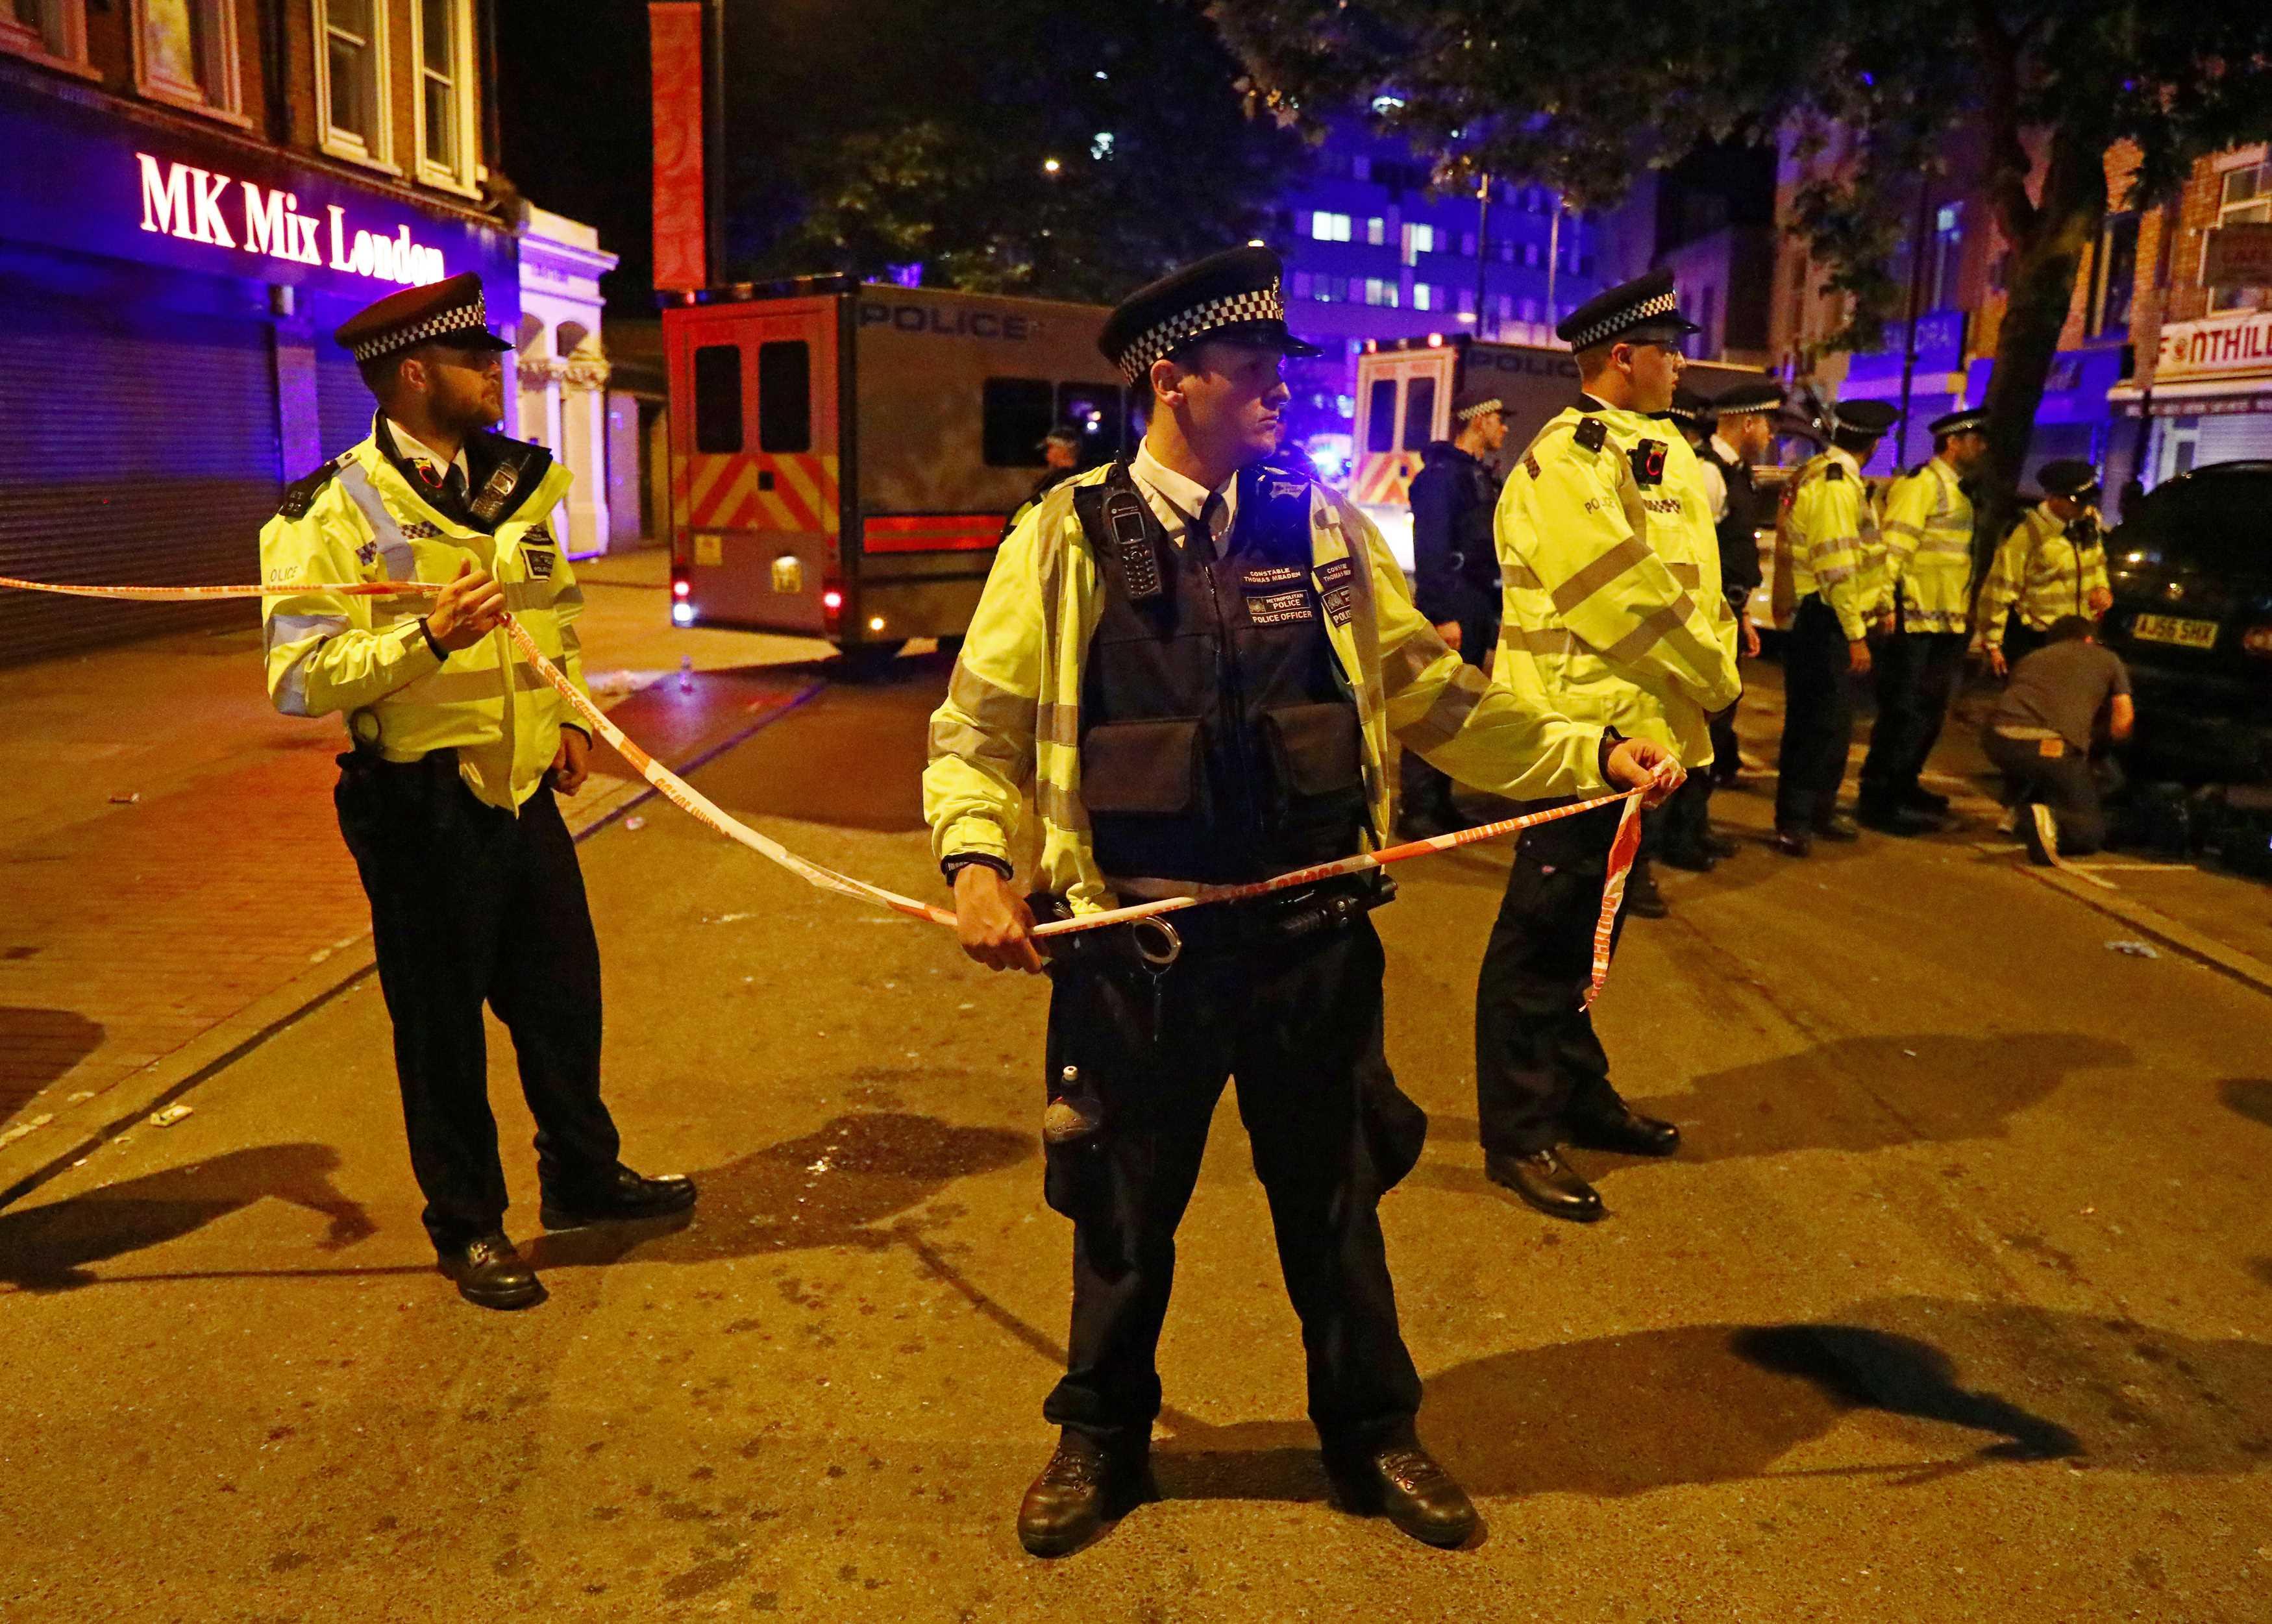 الشرطة تفرض طوقا أمنيا بموقع الدهس